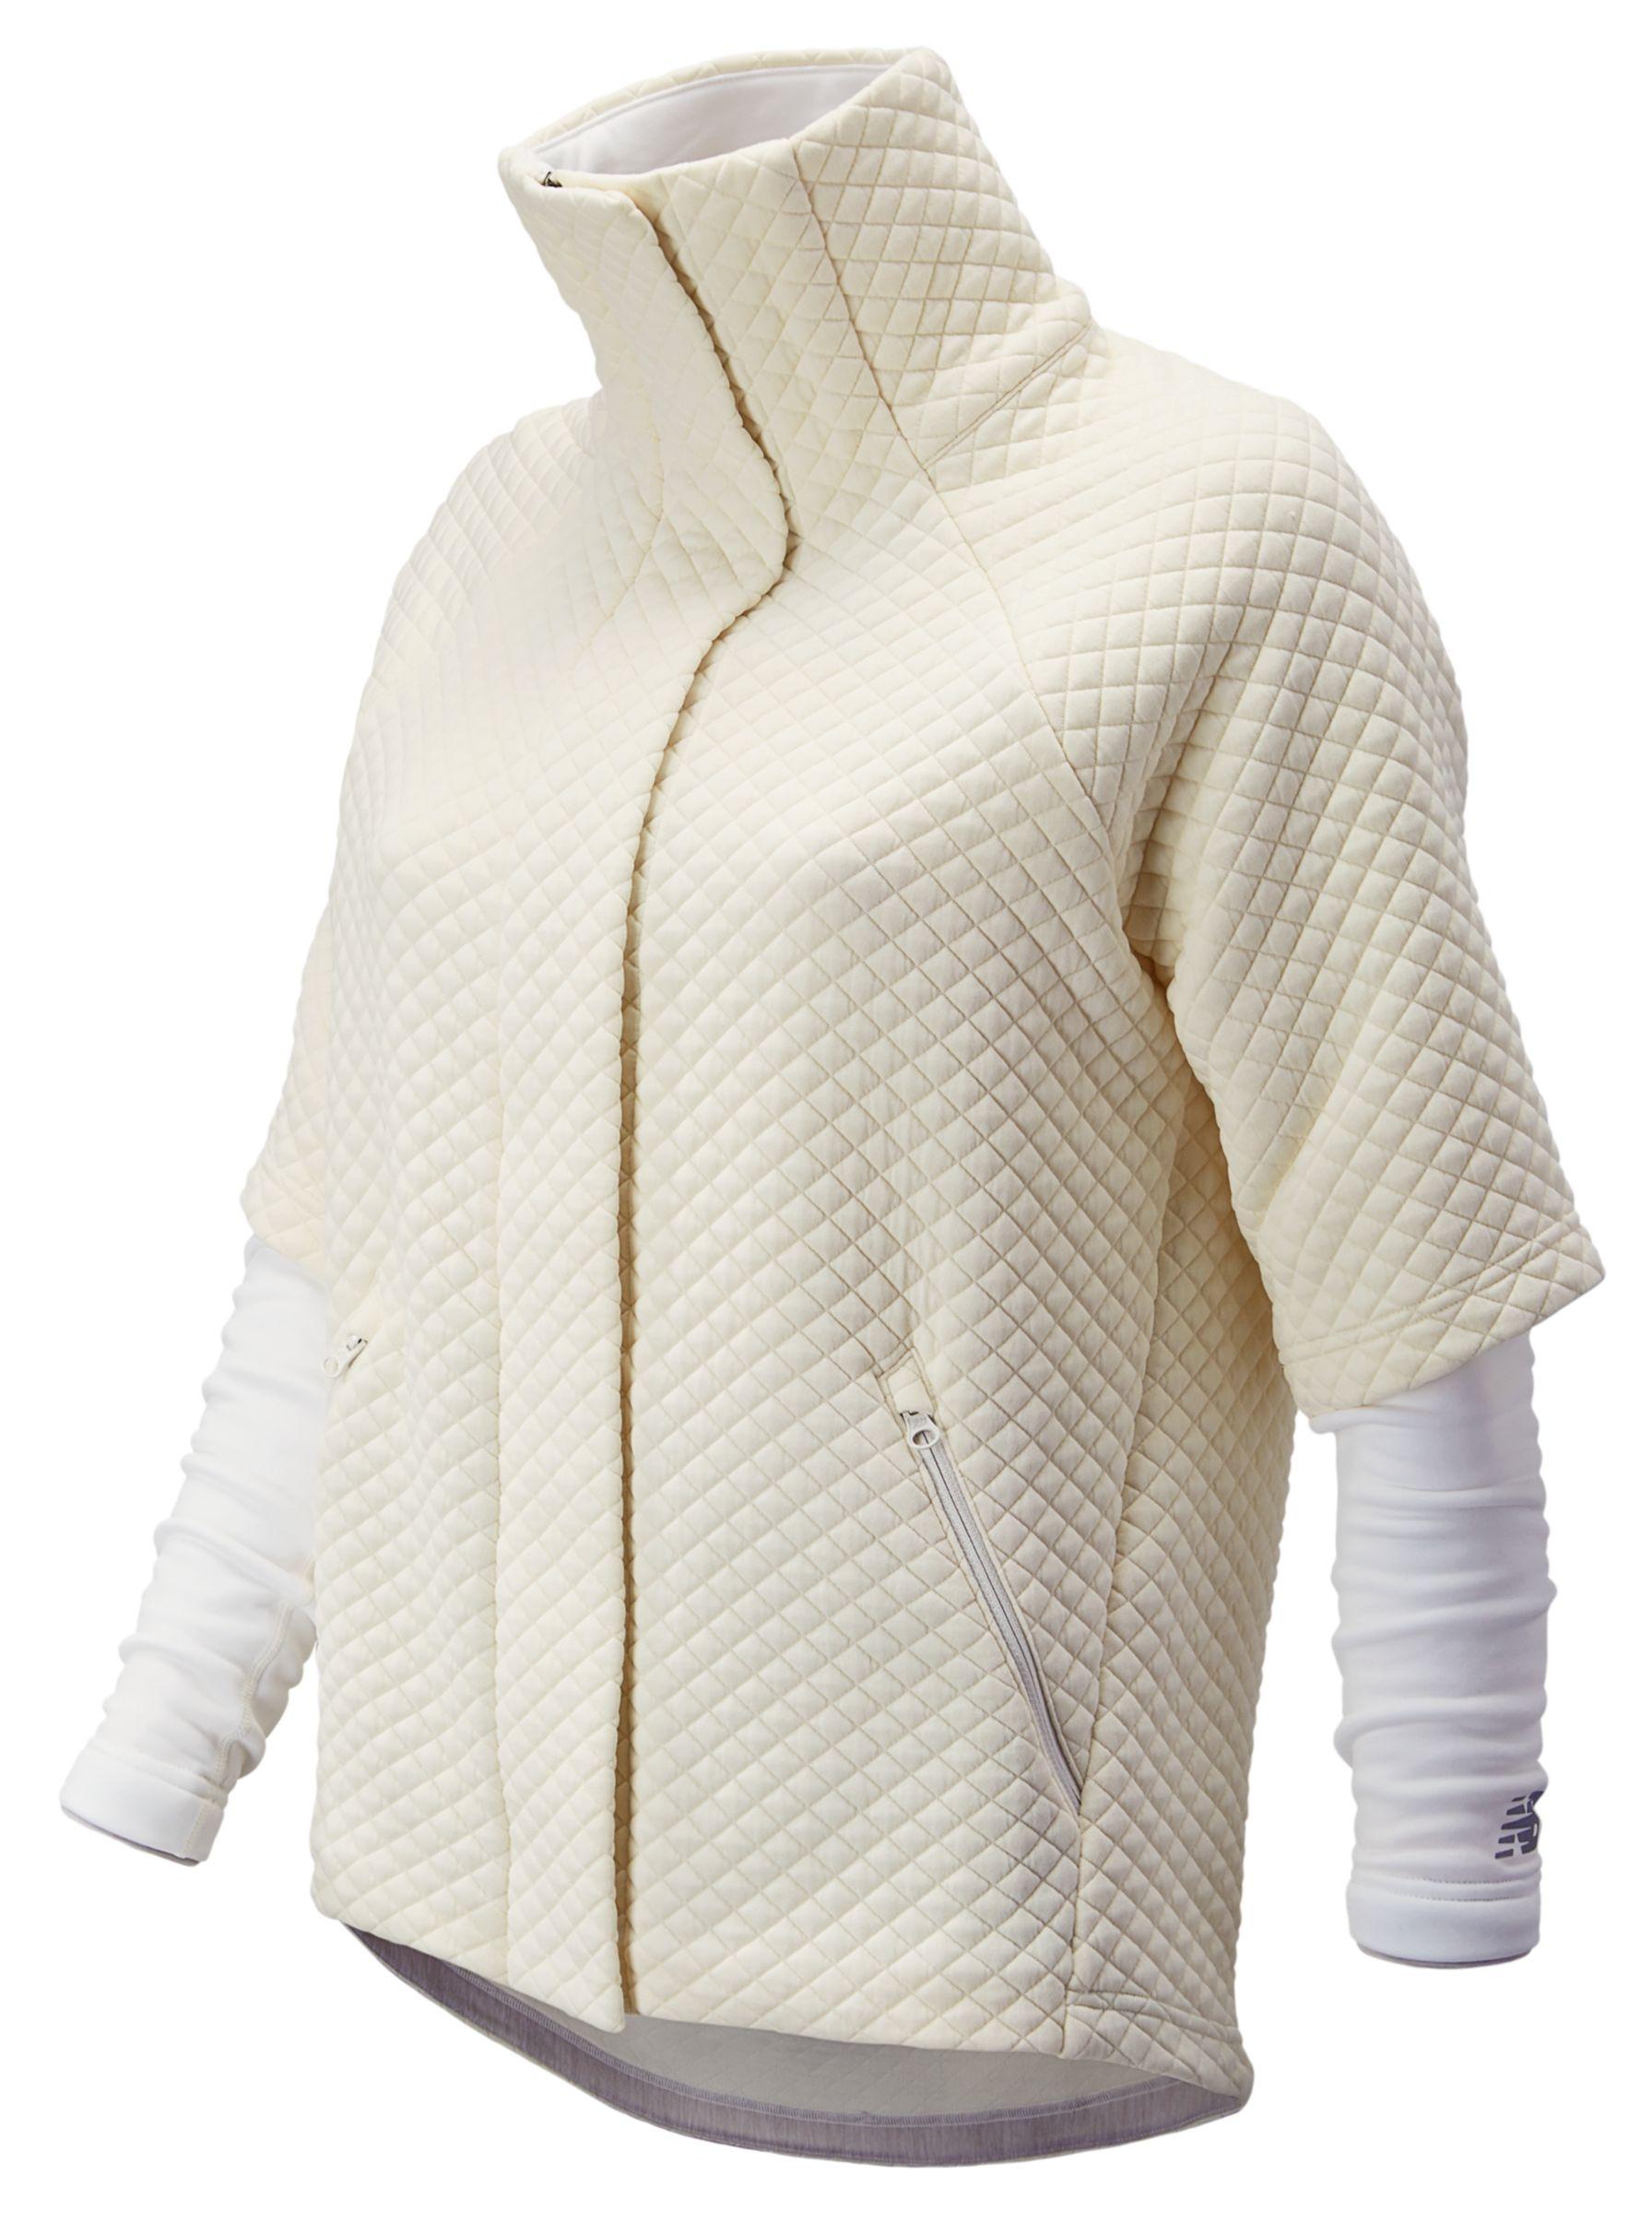 Women's NB Heat Loft Intensity Jacket